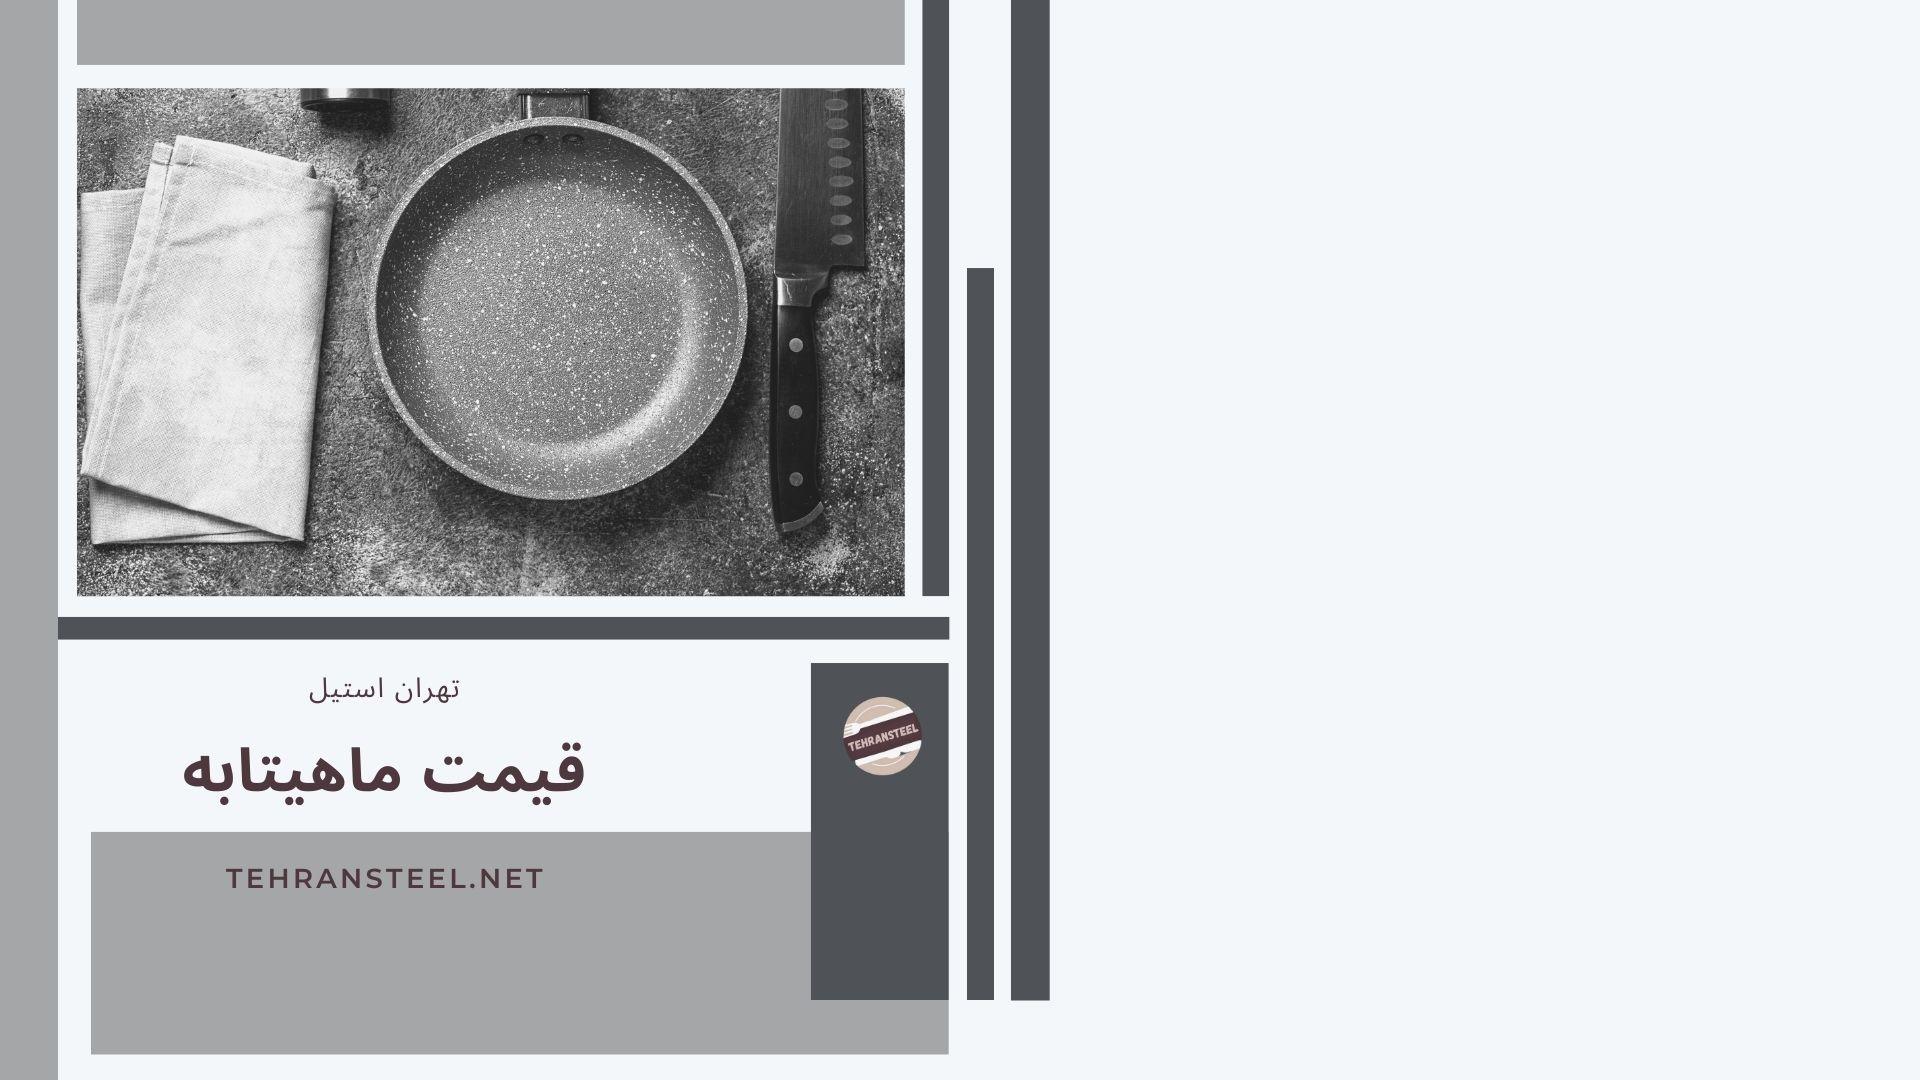 قیمت ماهیتابه